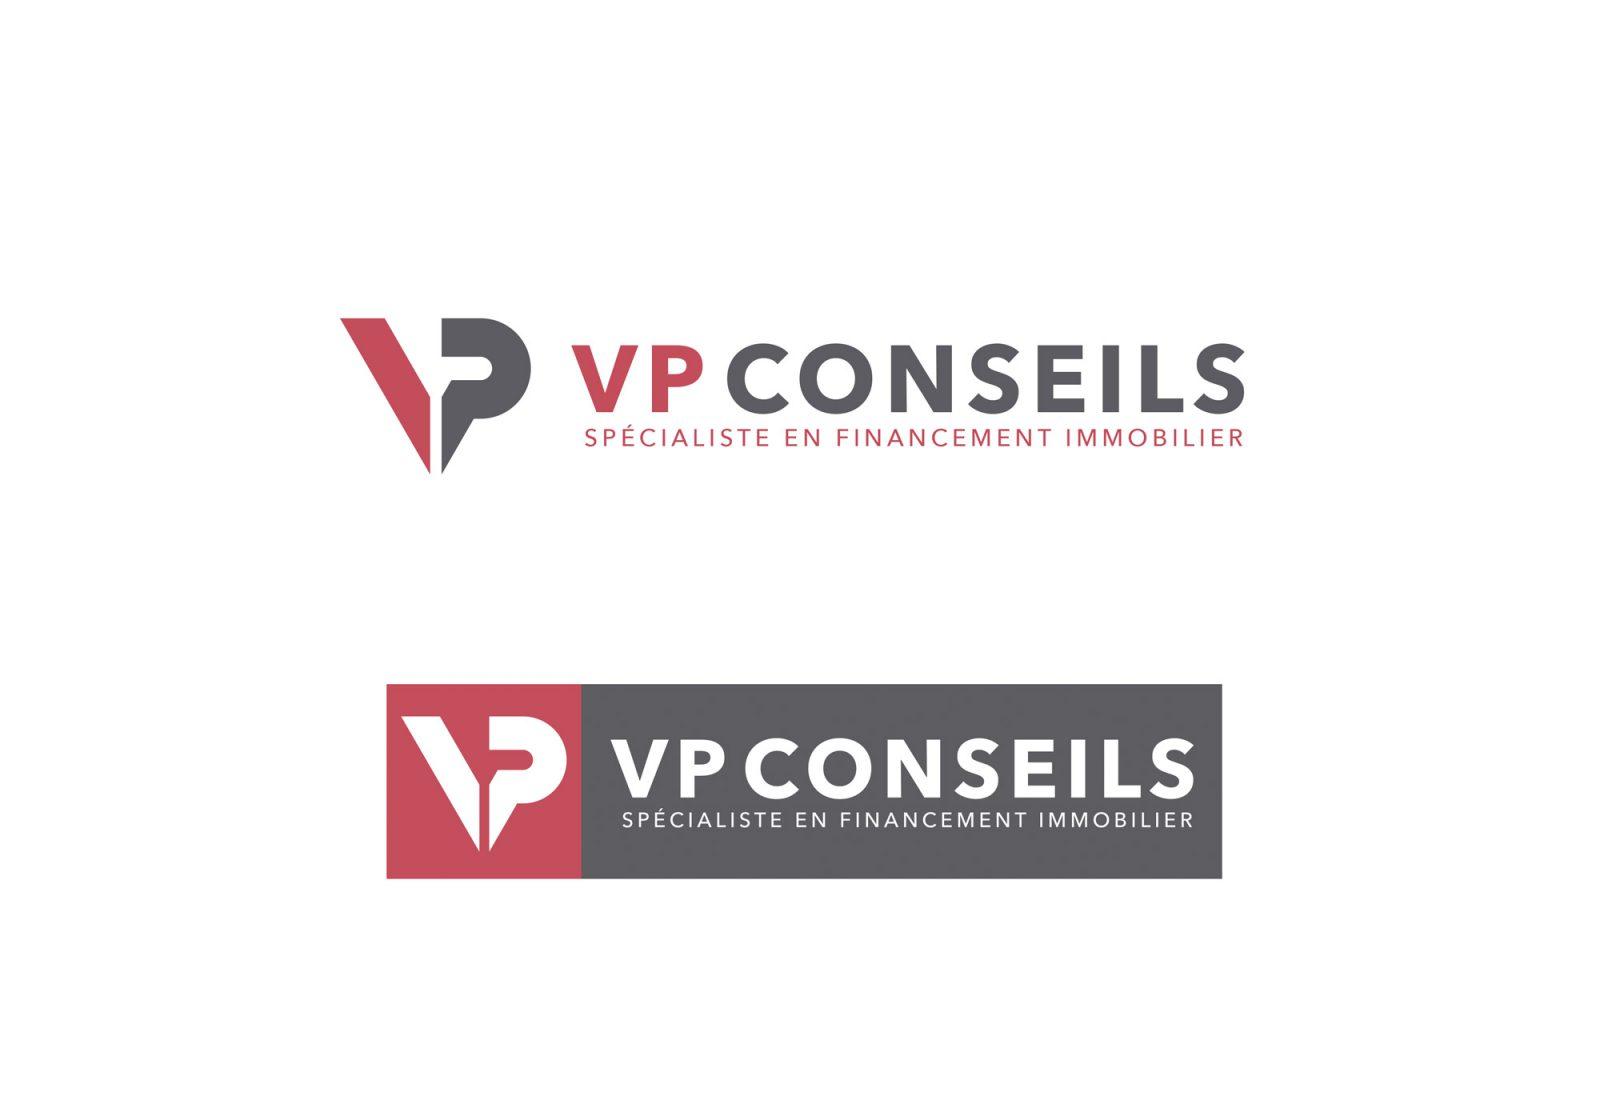 vpconseils-financement-immobilier-courtage-geneve-lausanne-fredmuller-graphiste-print-web-freelance-geneve-lausanne-identite-visuelle-logo-variantes